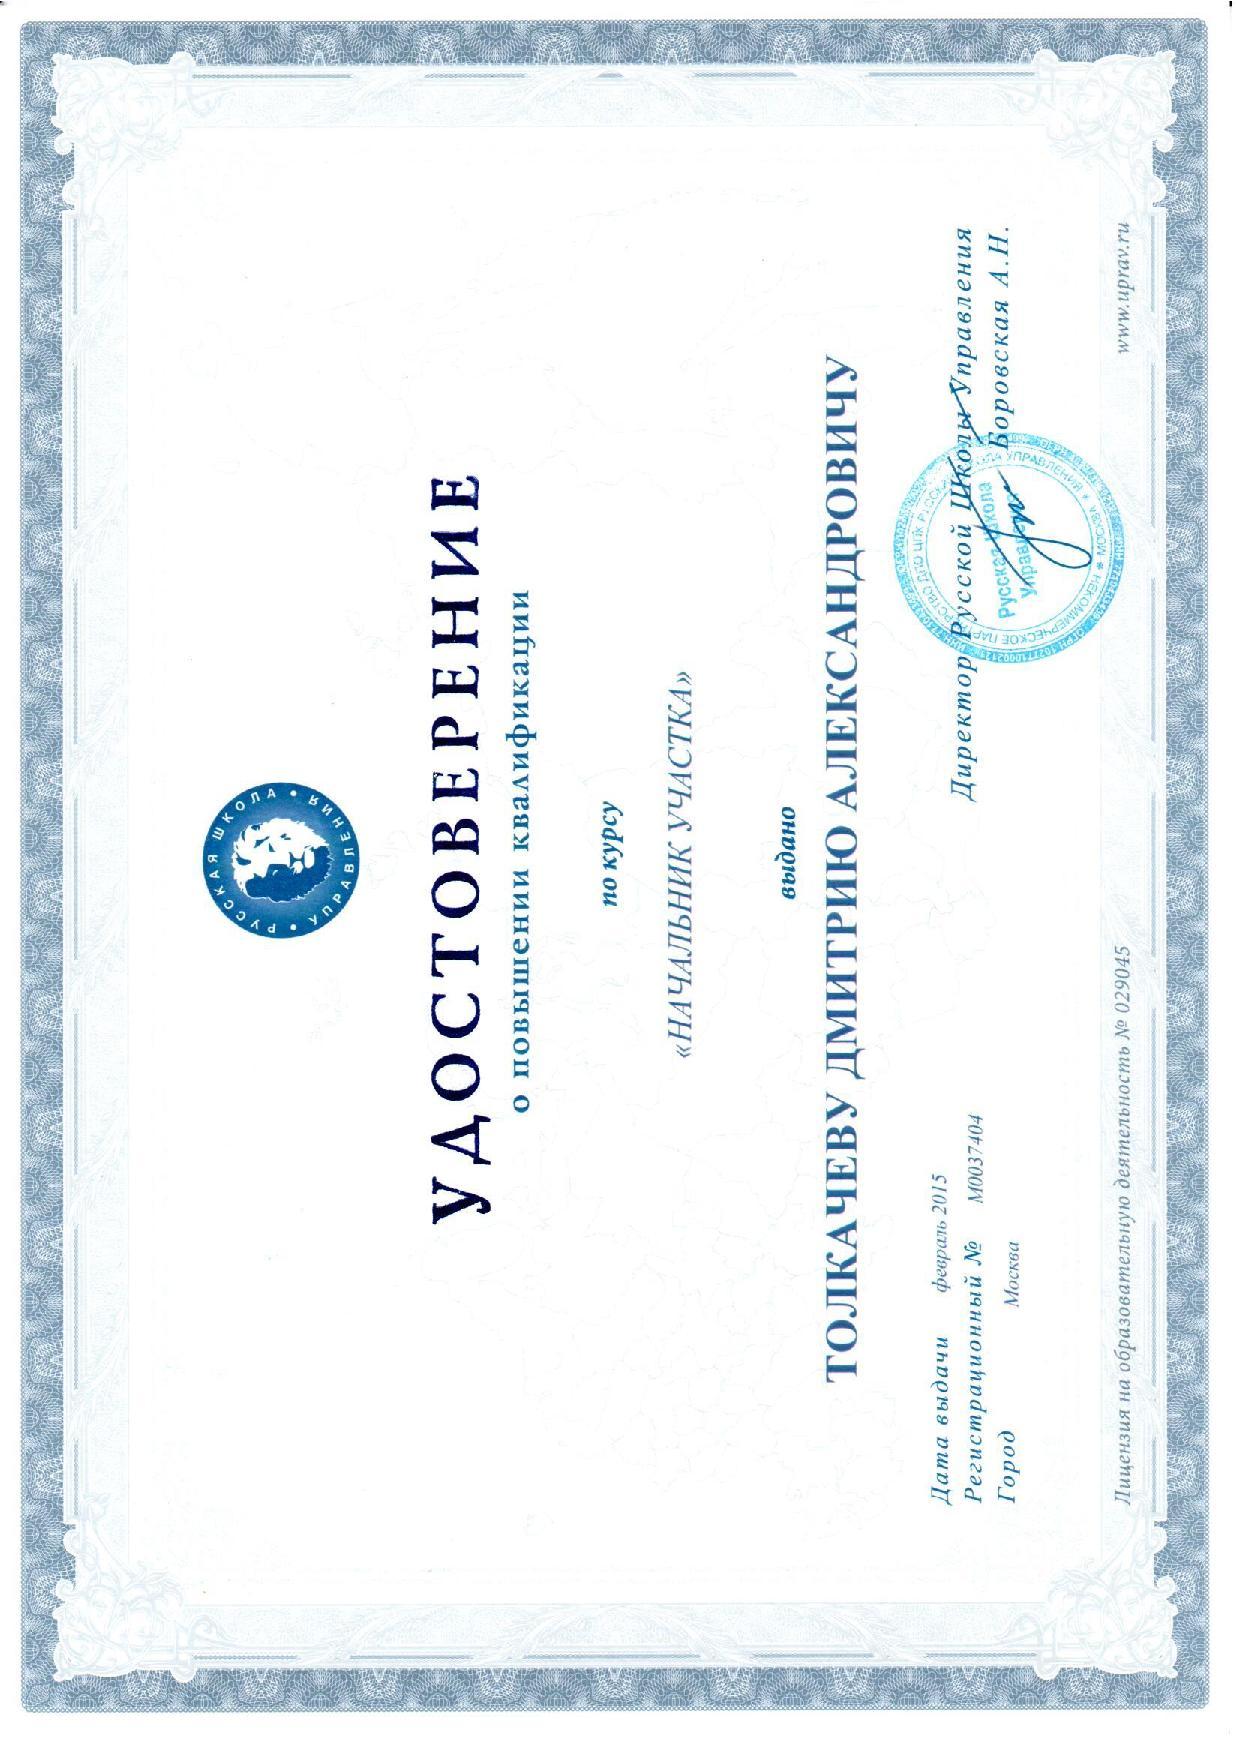 курсы повышения квалификации для юристов в екатеринбурге комплекс